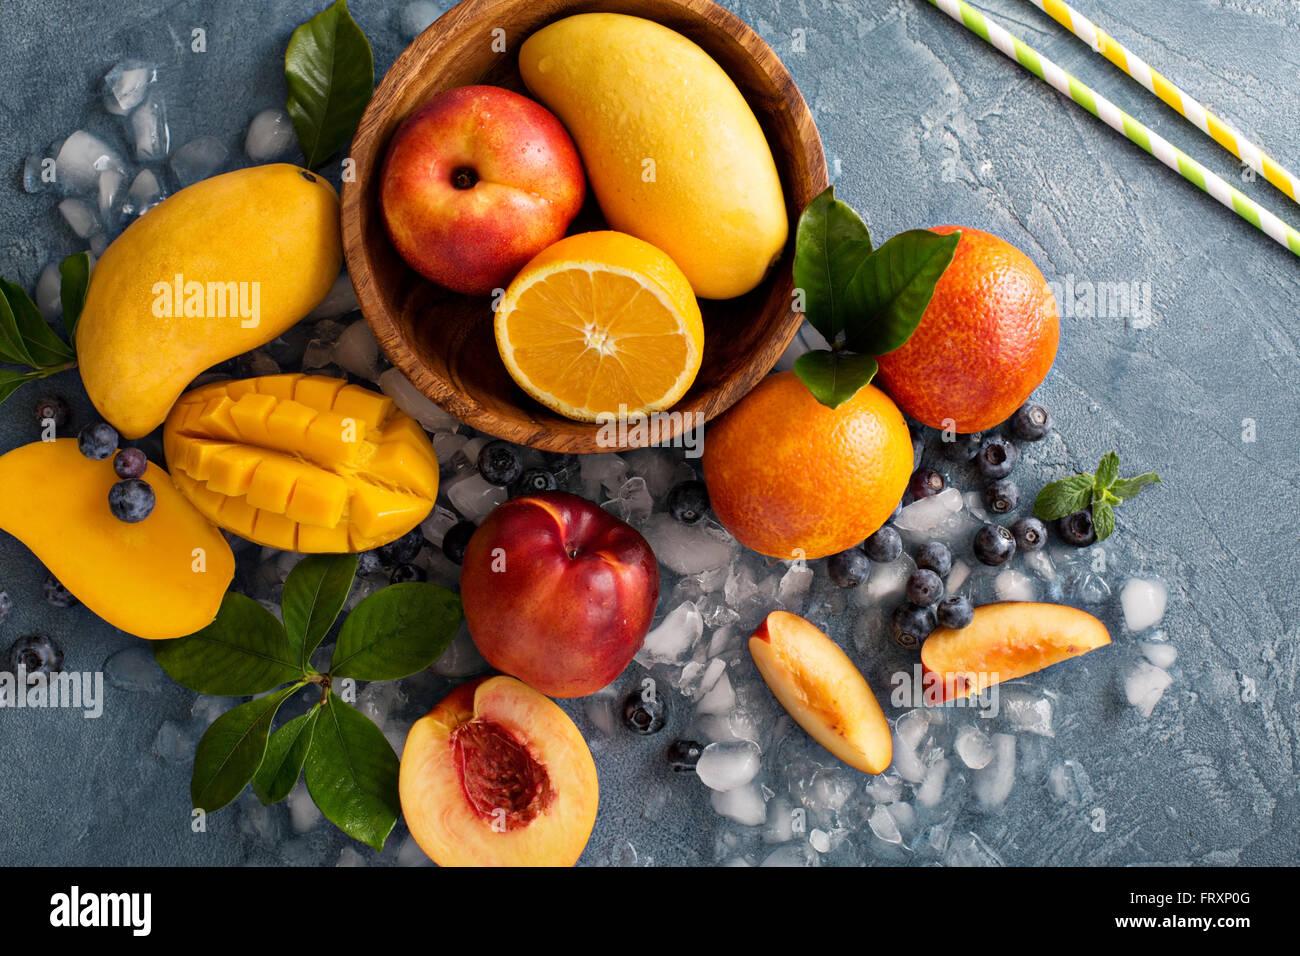 Ingrédients pour un smoothie aux fruits Photo Stock